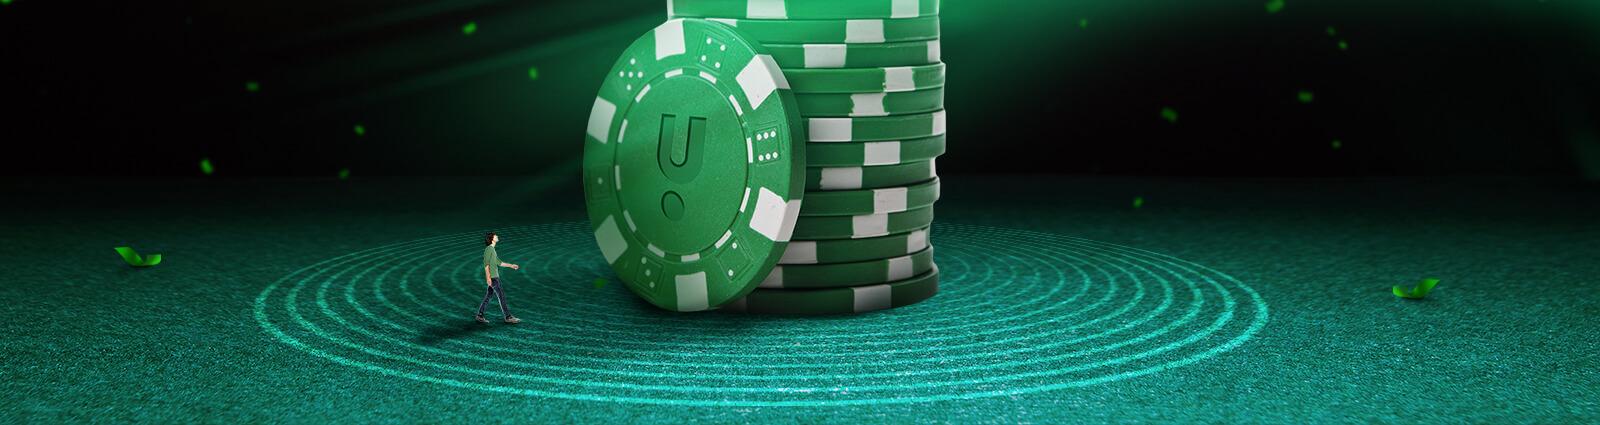 Turneu la sloturi de 125.000 RON cash la Unibet